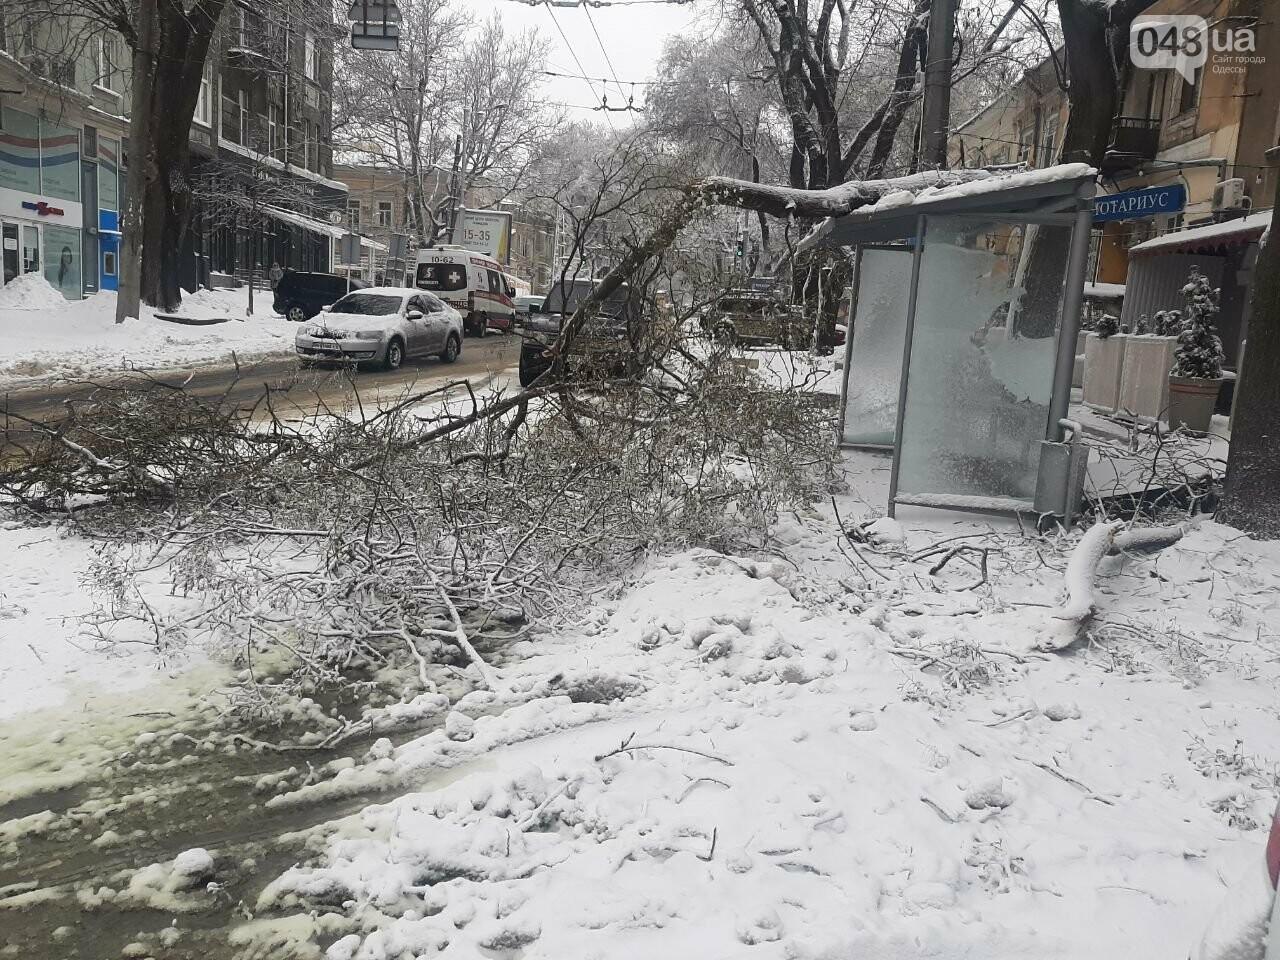 Последствия непогоды в Одессе, - ФОТОРЕПОРТАЖ, фото-2929